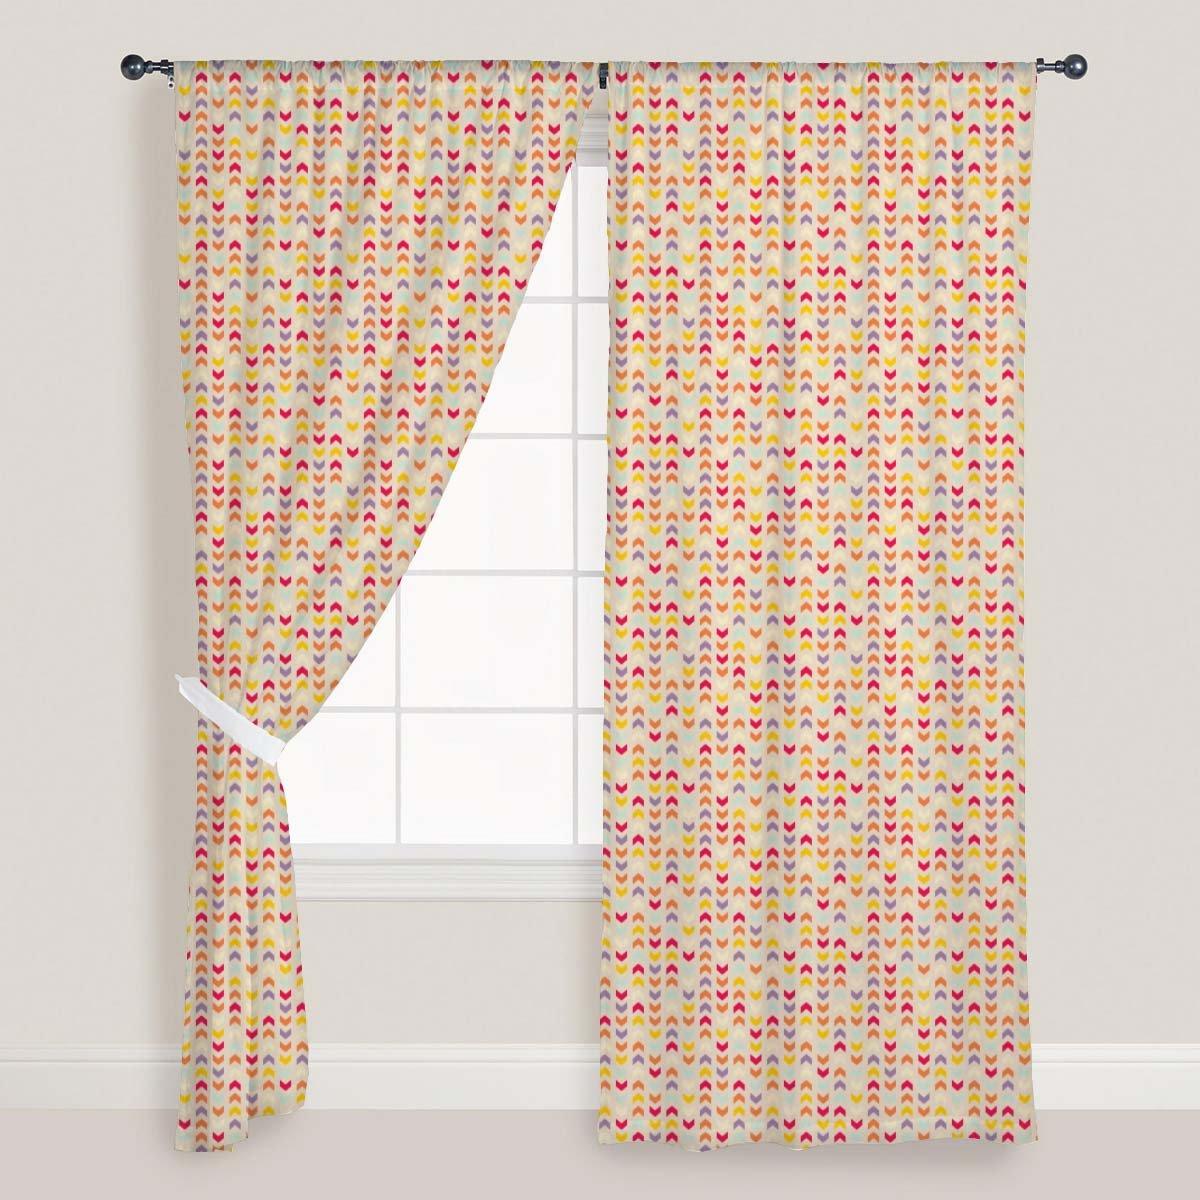 AZ Zigzag Stripes Door & Window Curtain Satin 4feet x 9feet; SET OF 3 PCS